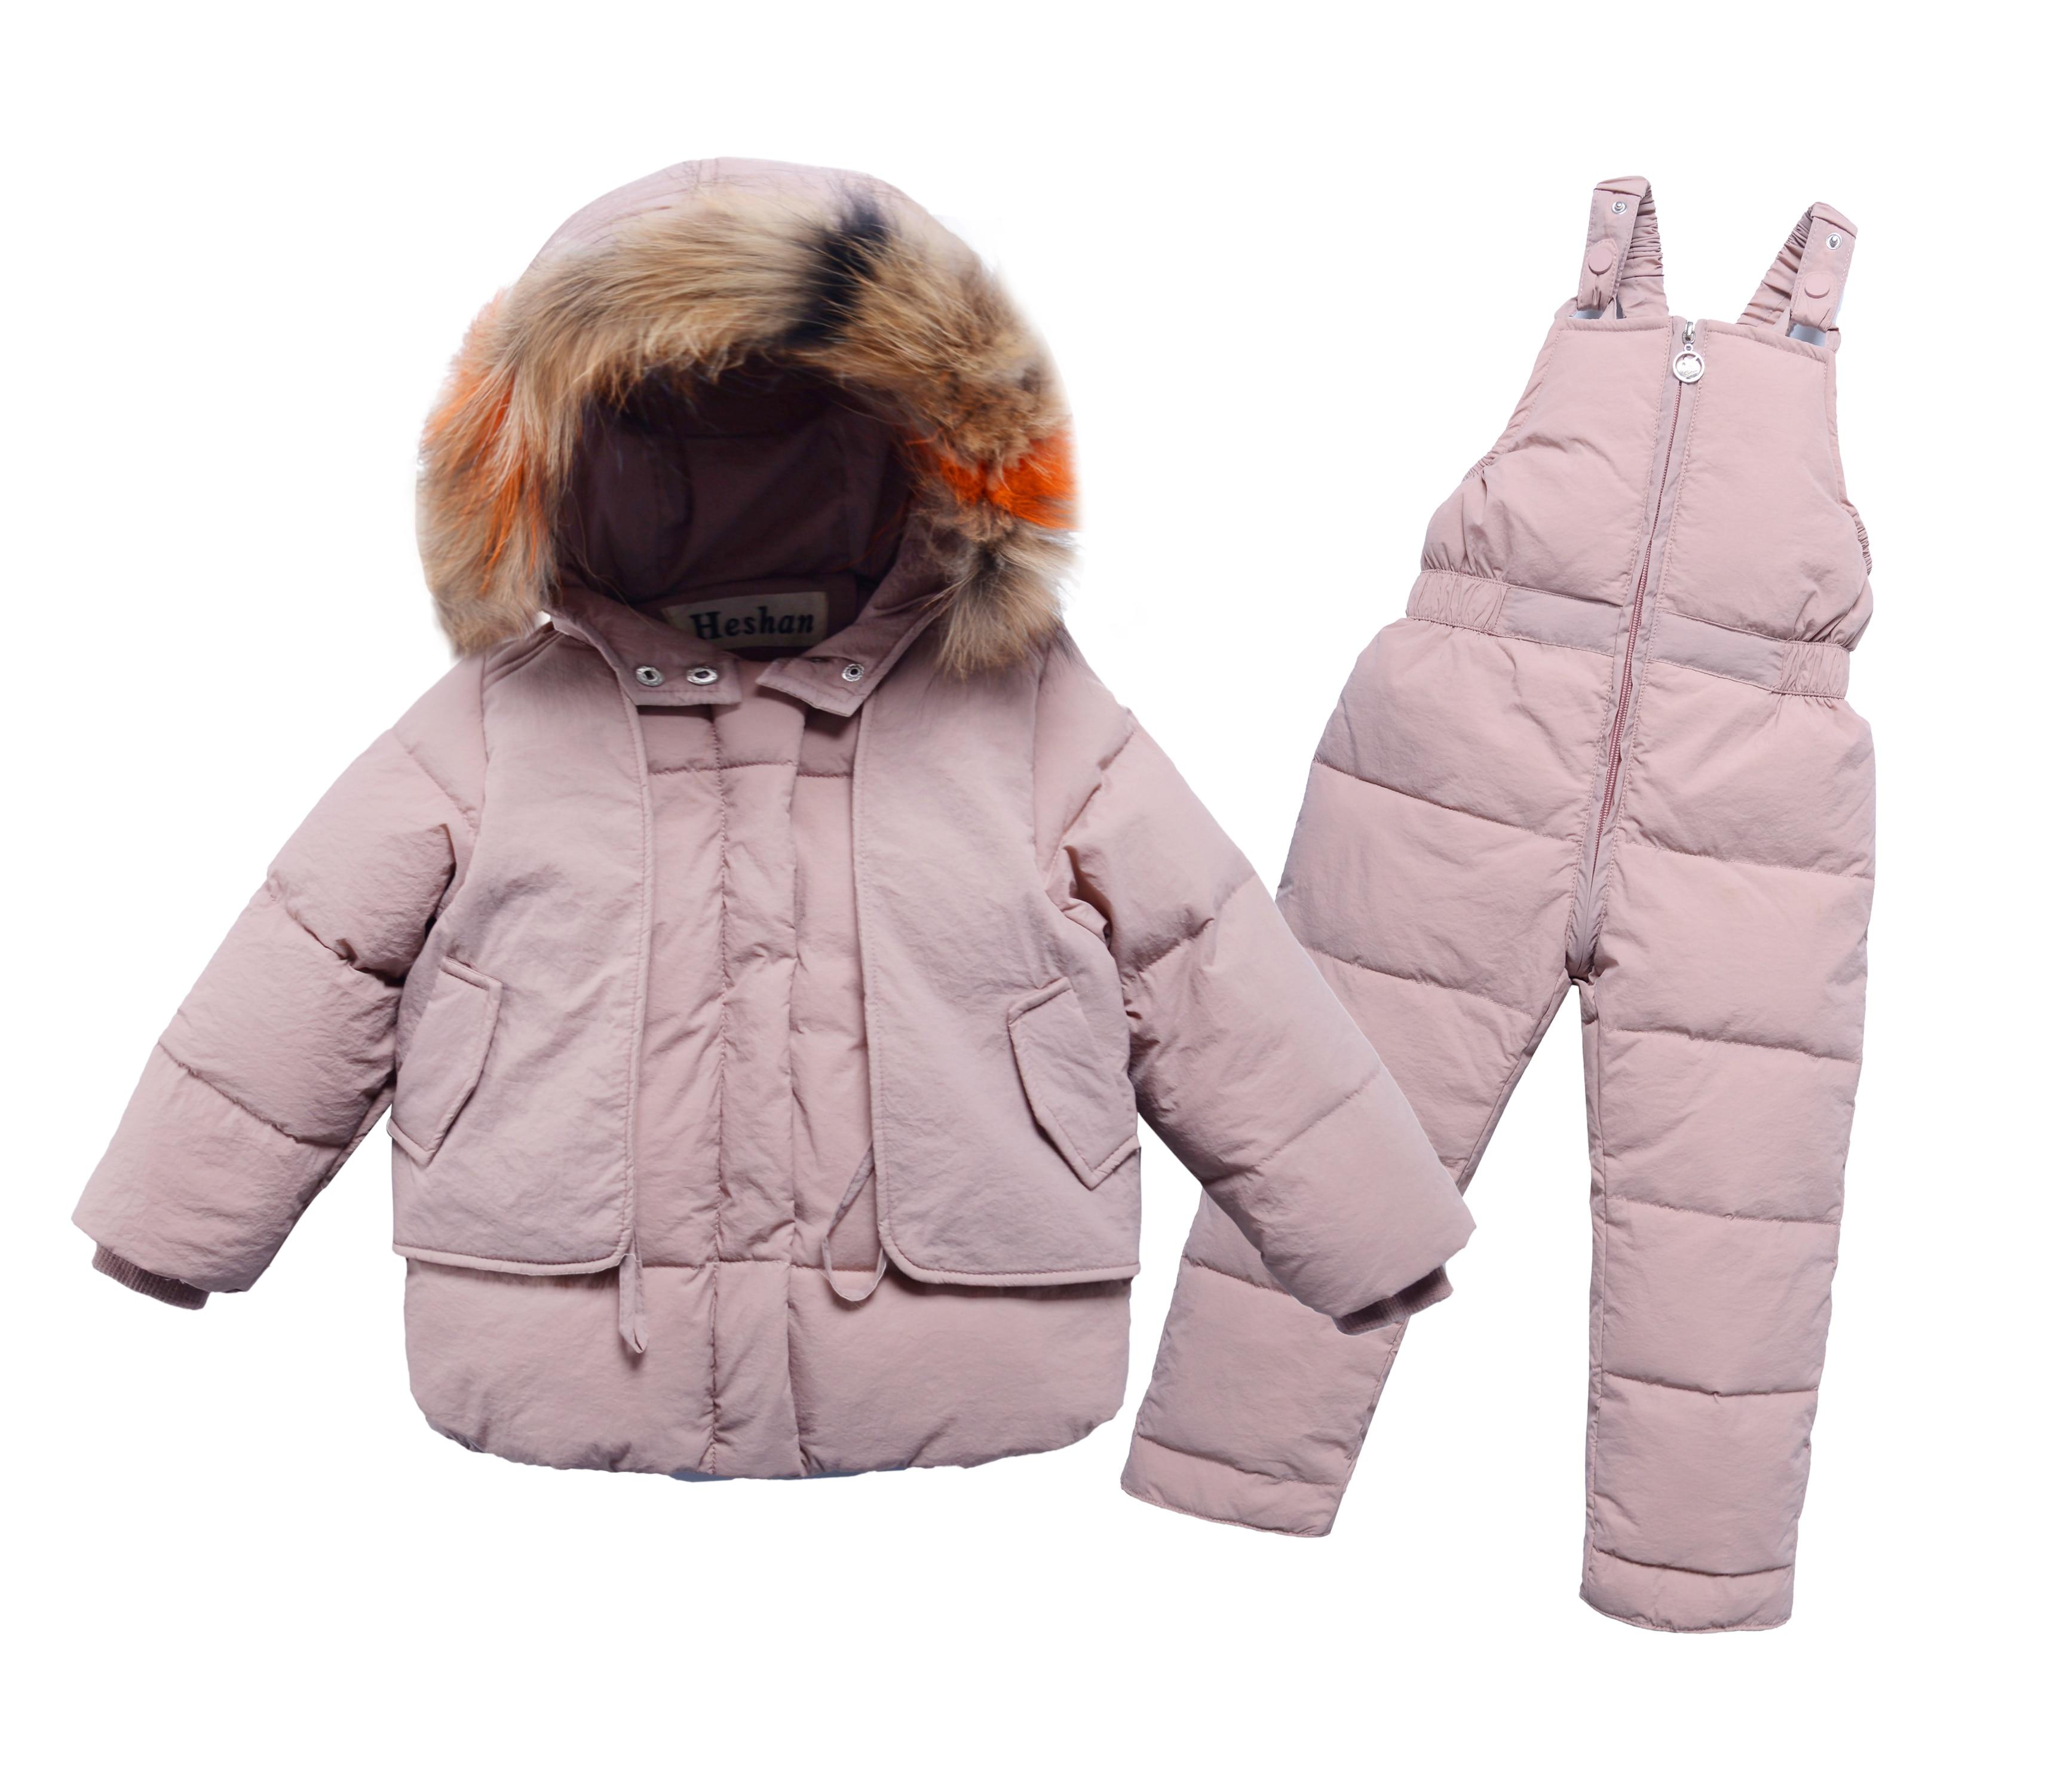 Hiver bébé garçons filles Ski costume chaud blanc canard vers le bas fourrure col enfant manteau + pantalon enfants vêtements ensembles enfants tenues pour 80-130cm